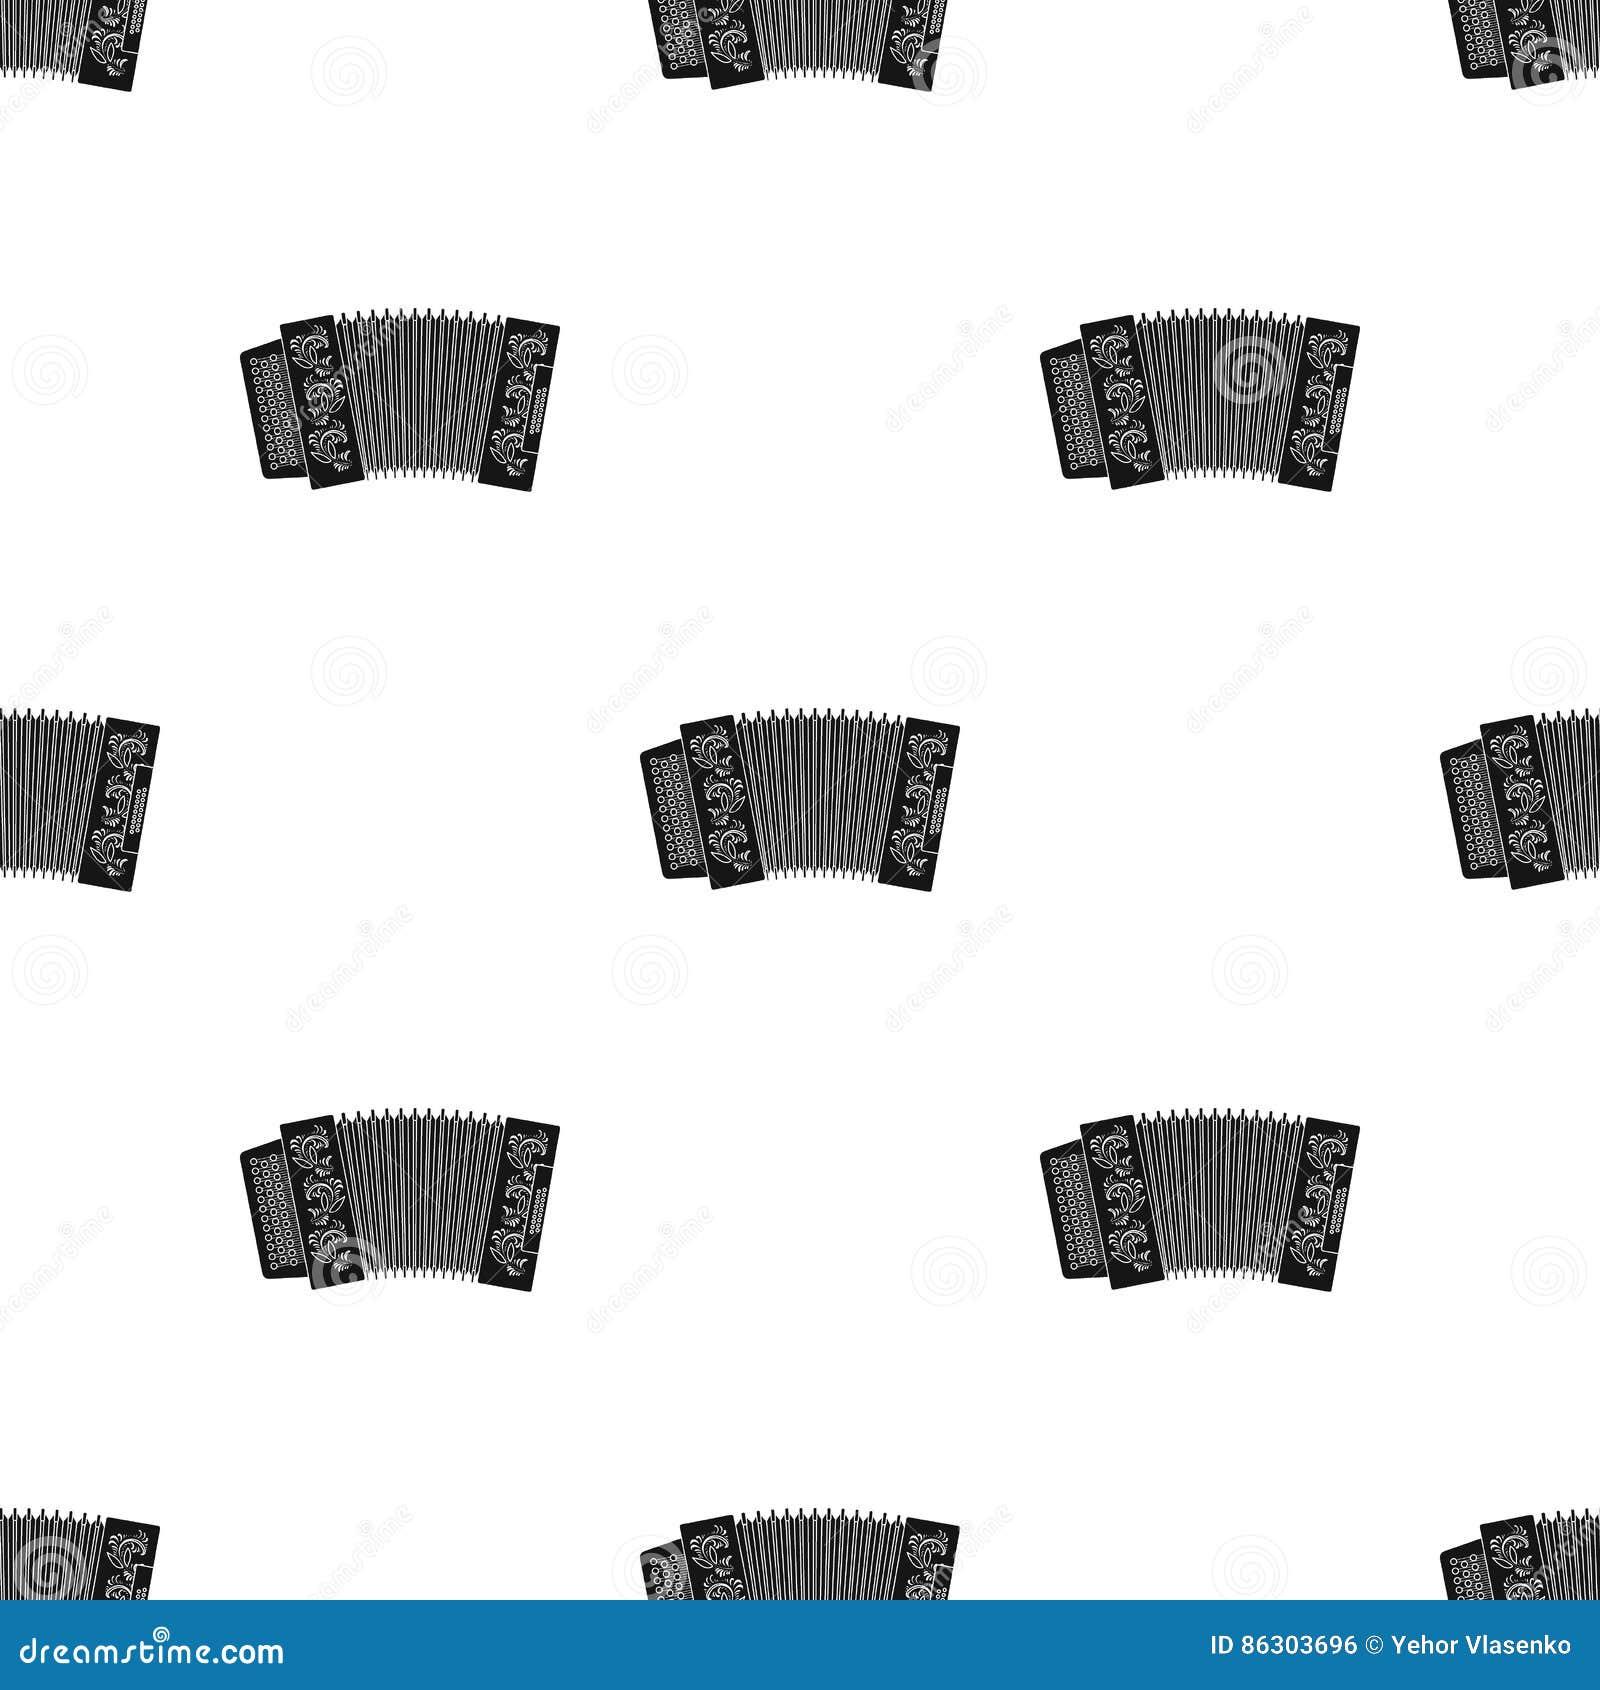 Κλασσικός bayan, ακκορντέον ή αρμονικό εικονίδιο στο μαύρο ύφος που απομονώνεται στο λευκό Ρωσικό απόθεμα σχεδίων χωρών